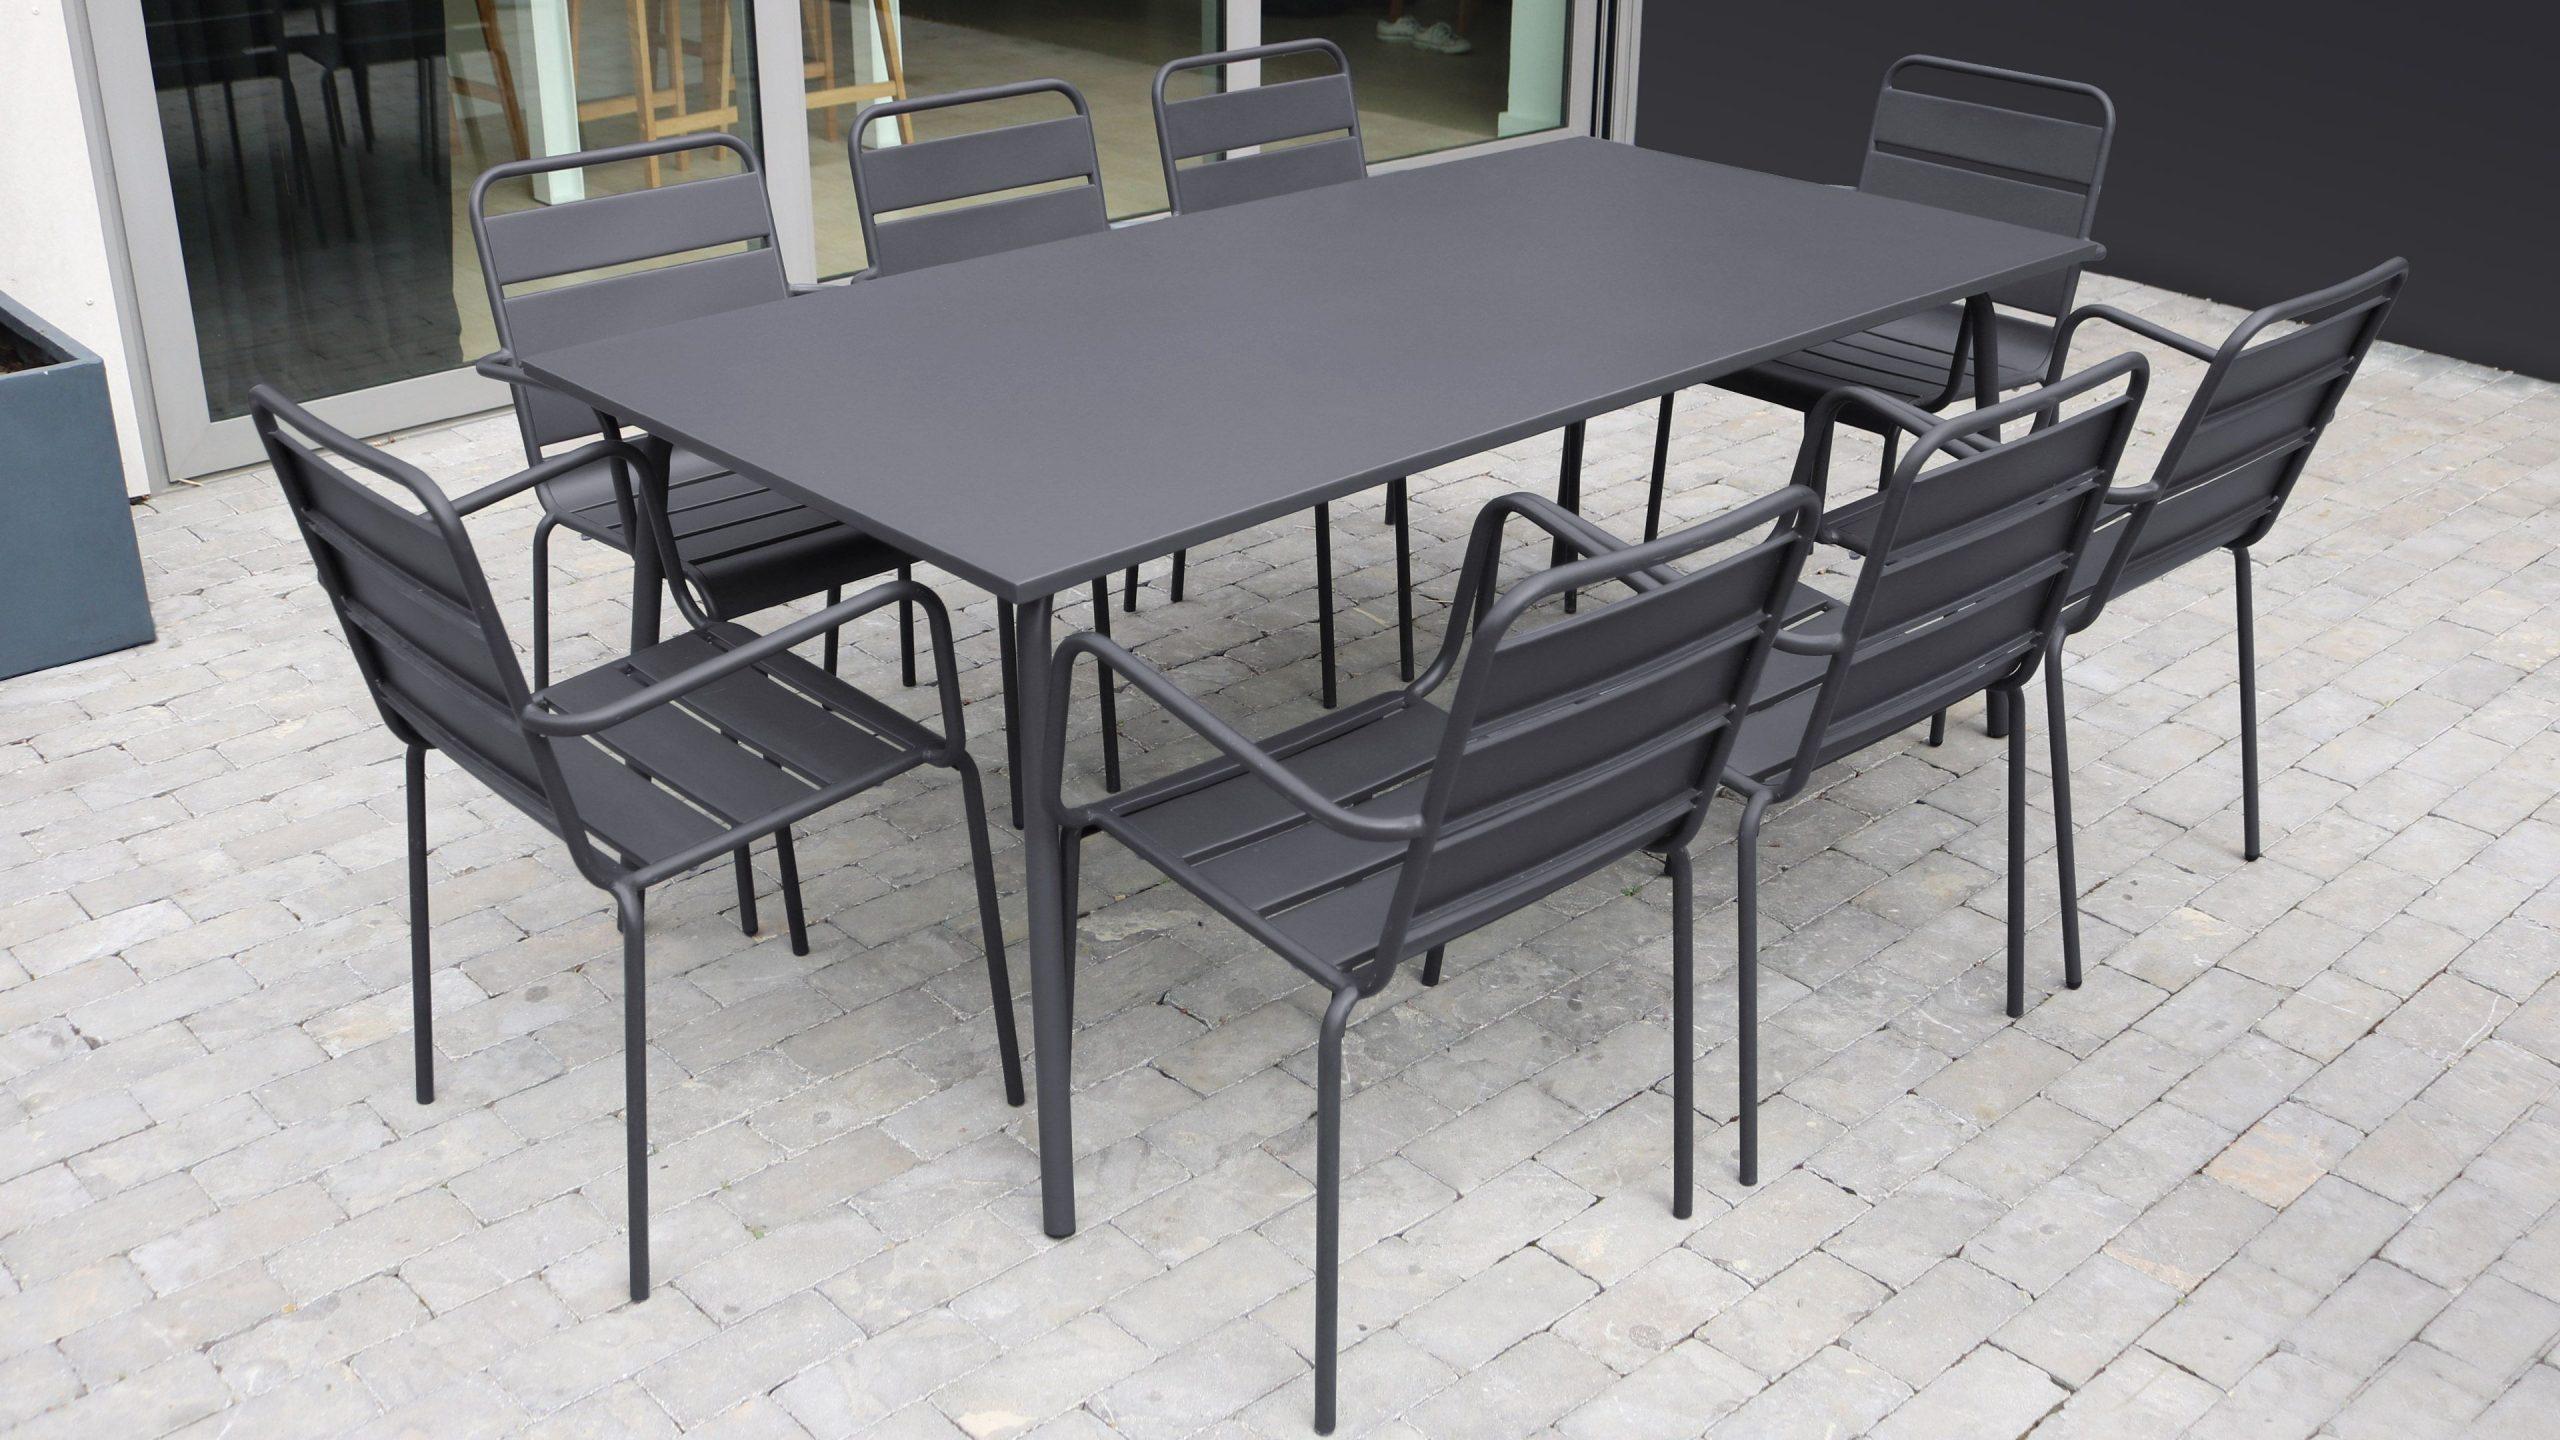 Table De Jardin Et 8 Fauteuils En Métal - Gris En 2020 ... intérieur Table De Jardin Carrée 8 Personnes